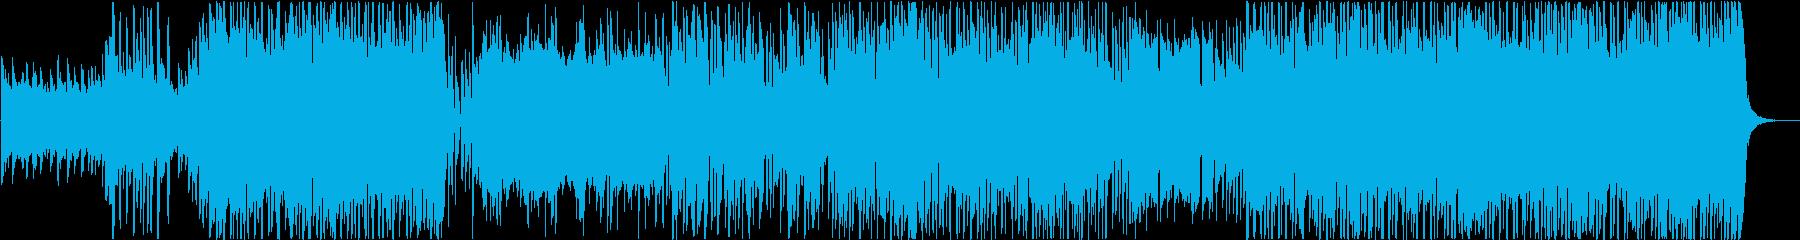 80s感溢れるおしゃれなシンセウェーブの再生済みの波形